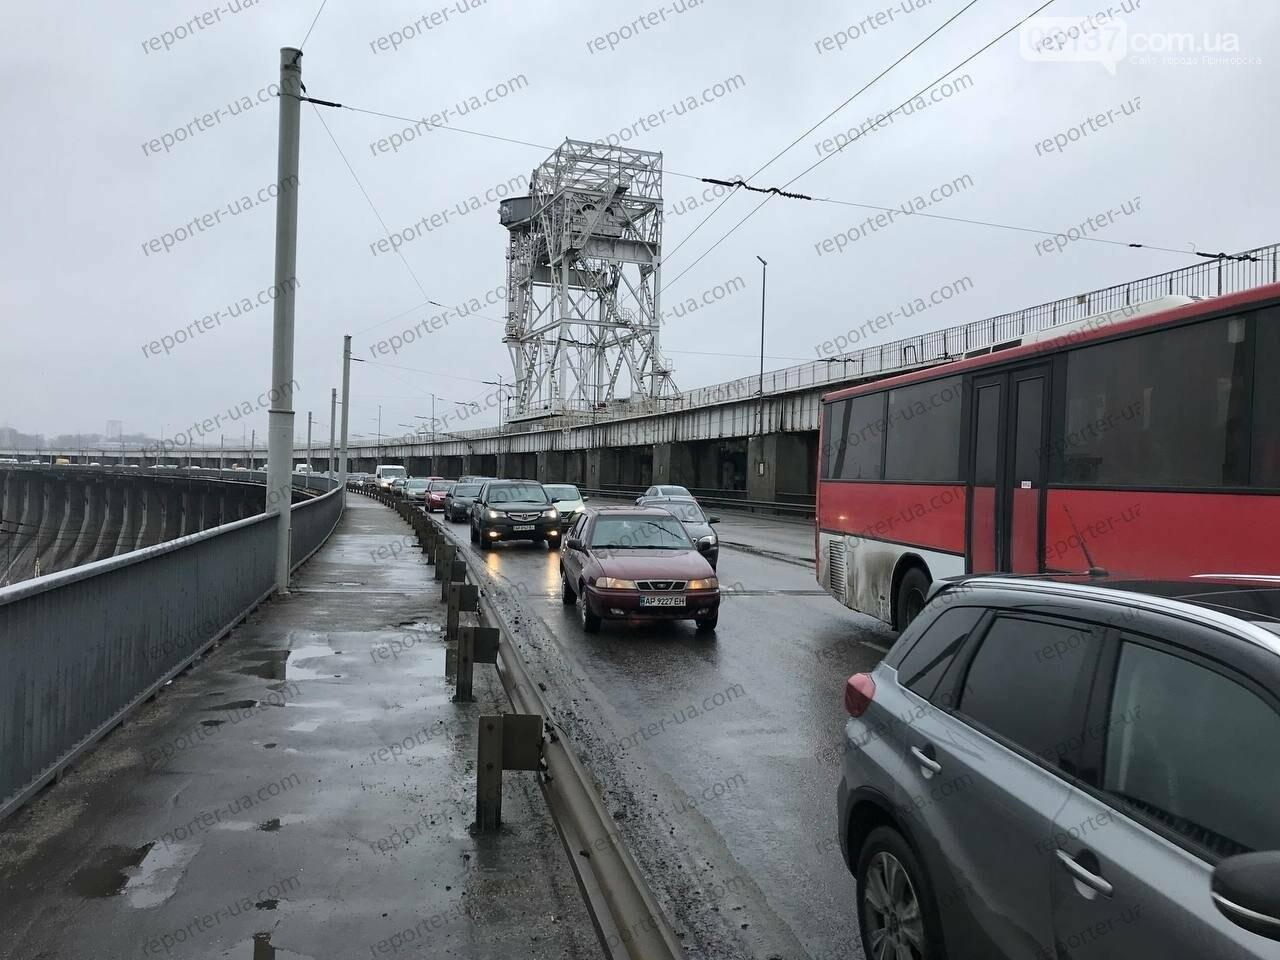 Утренняя авария на запорожской плотине привела к пробке: автобус столкнулся с легковым авто. Фото/Видео, фото-4